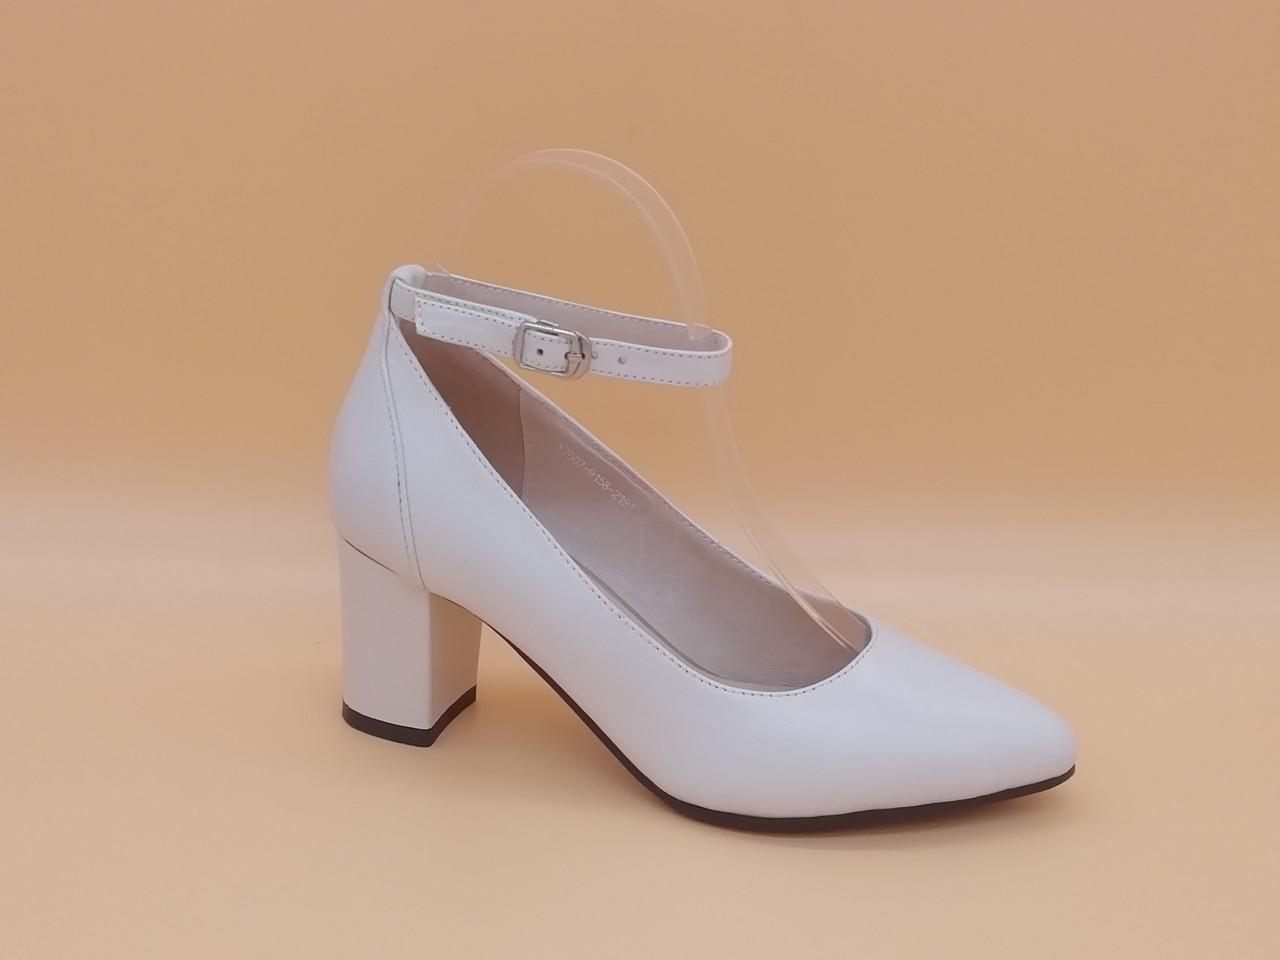 Светлые кожаные туфли на каблуке. Маленькие ( 33 - 35 ) размеры.